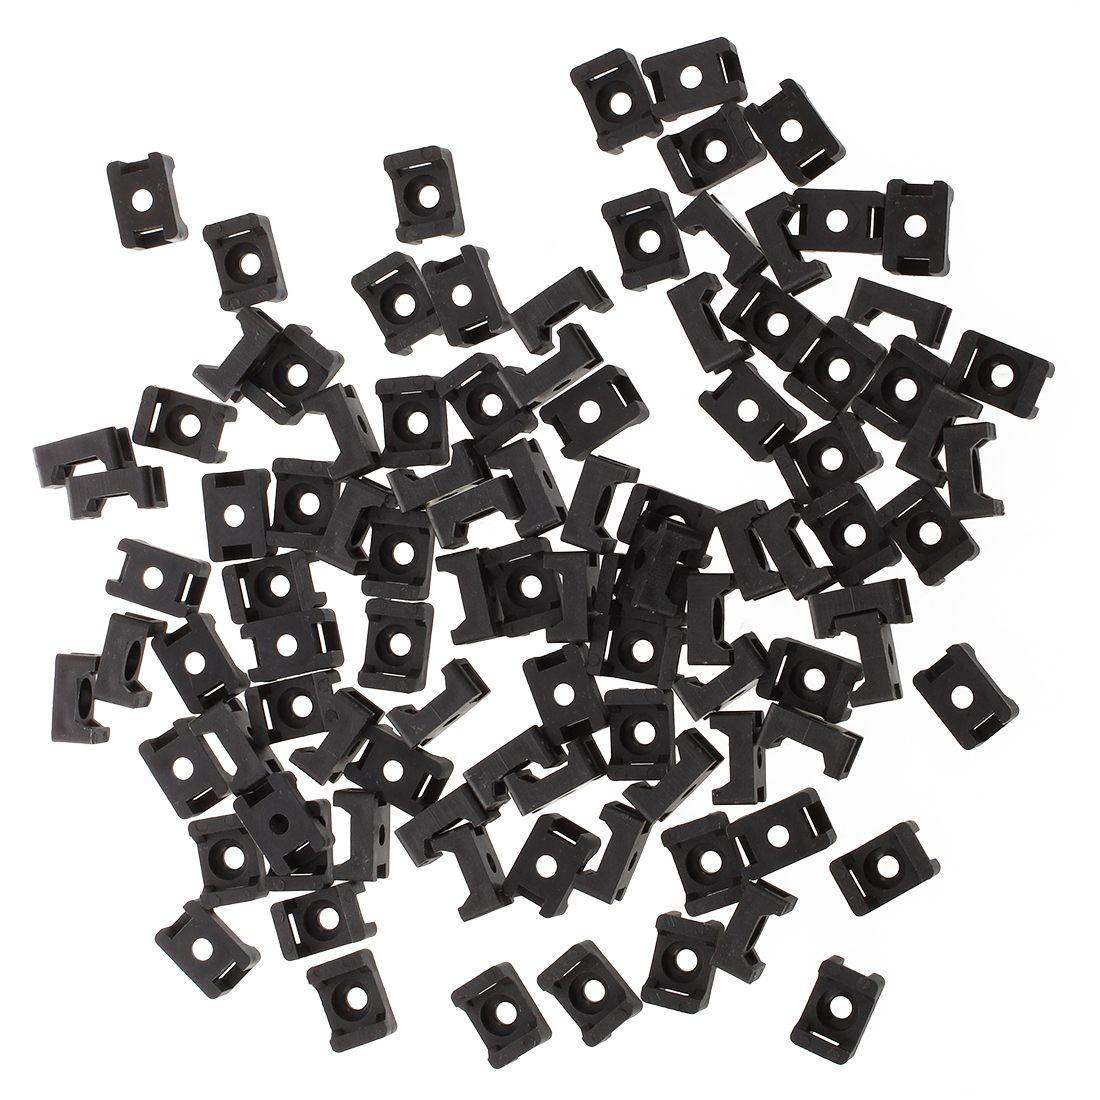 [해외]검은 색 9mm 케이블 타이 마운트 안장 유형 플라스틱 와이어 번들 홀더 100PCS/Black 9mm Cable Tie Mount Saddle Type Plastic Wire Bundle Holder 100Pcs